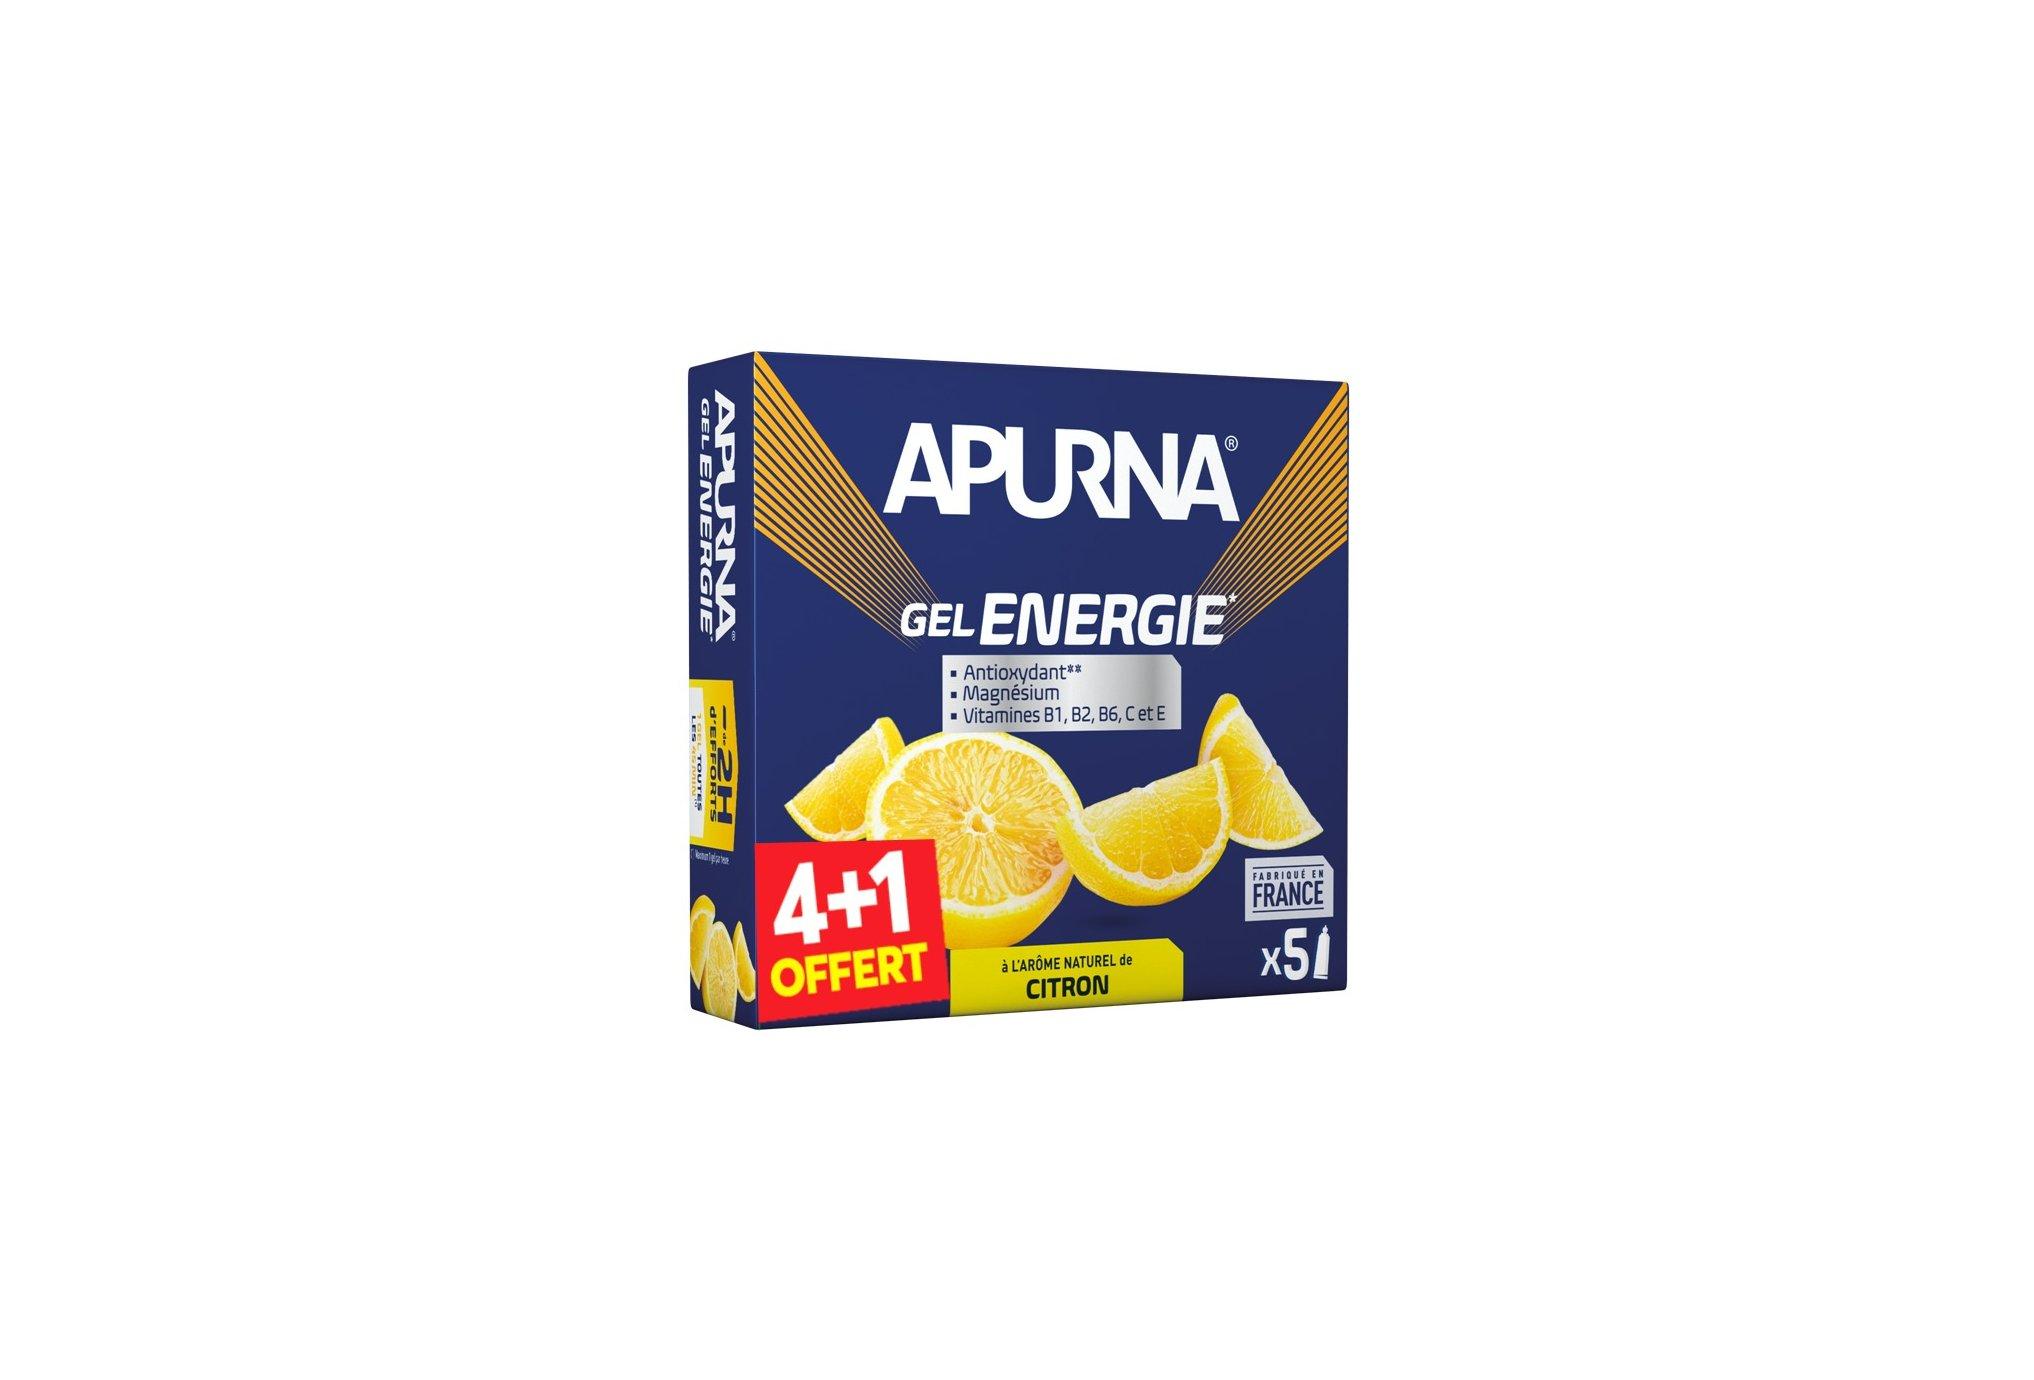 Apurna Pack de geles energéticos-Limón 4+1 Diététique Gels